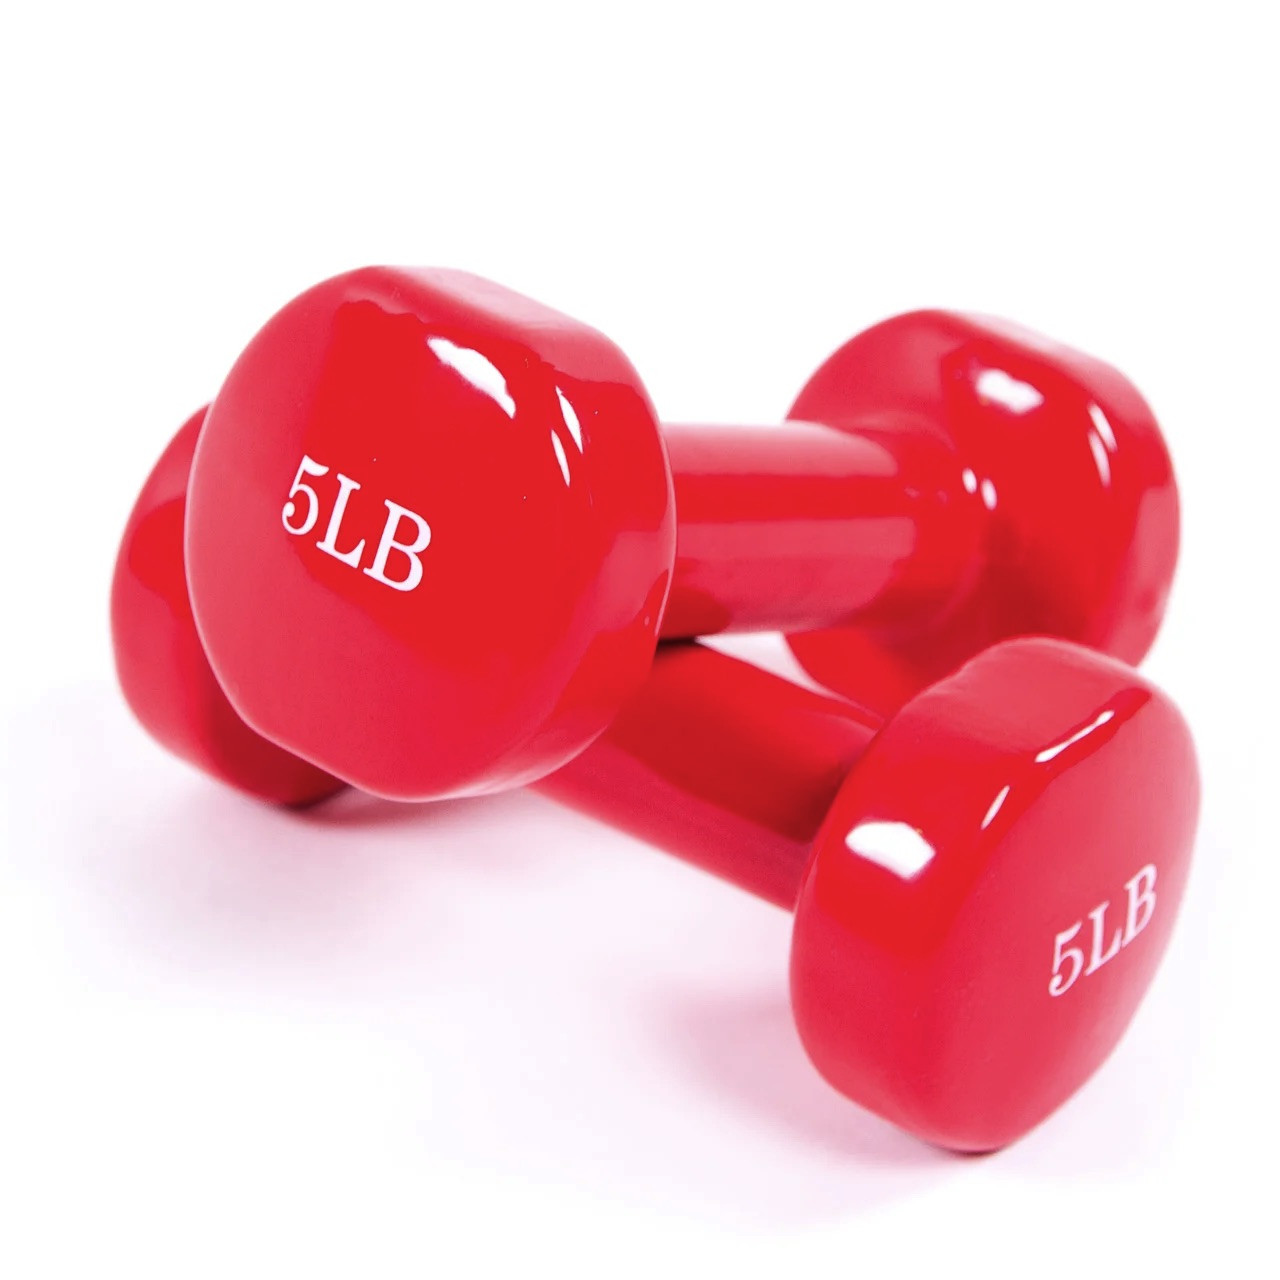 Гантели для фитнеса 2 шт 5Lb (2270гр.)